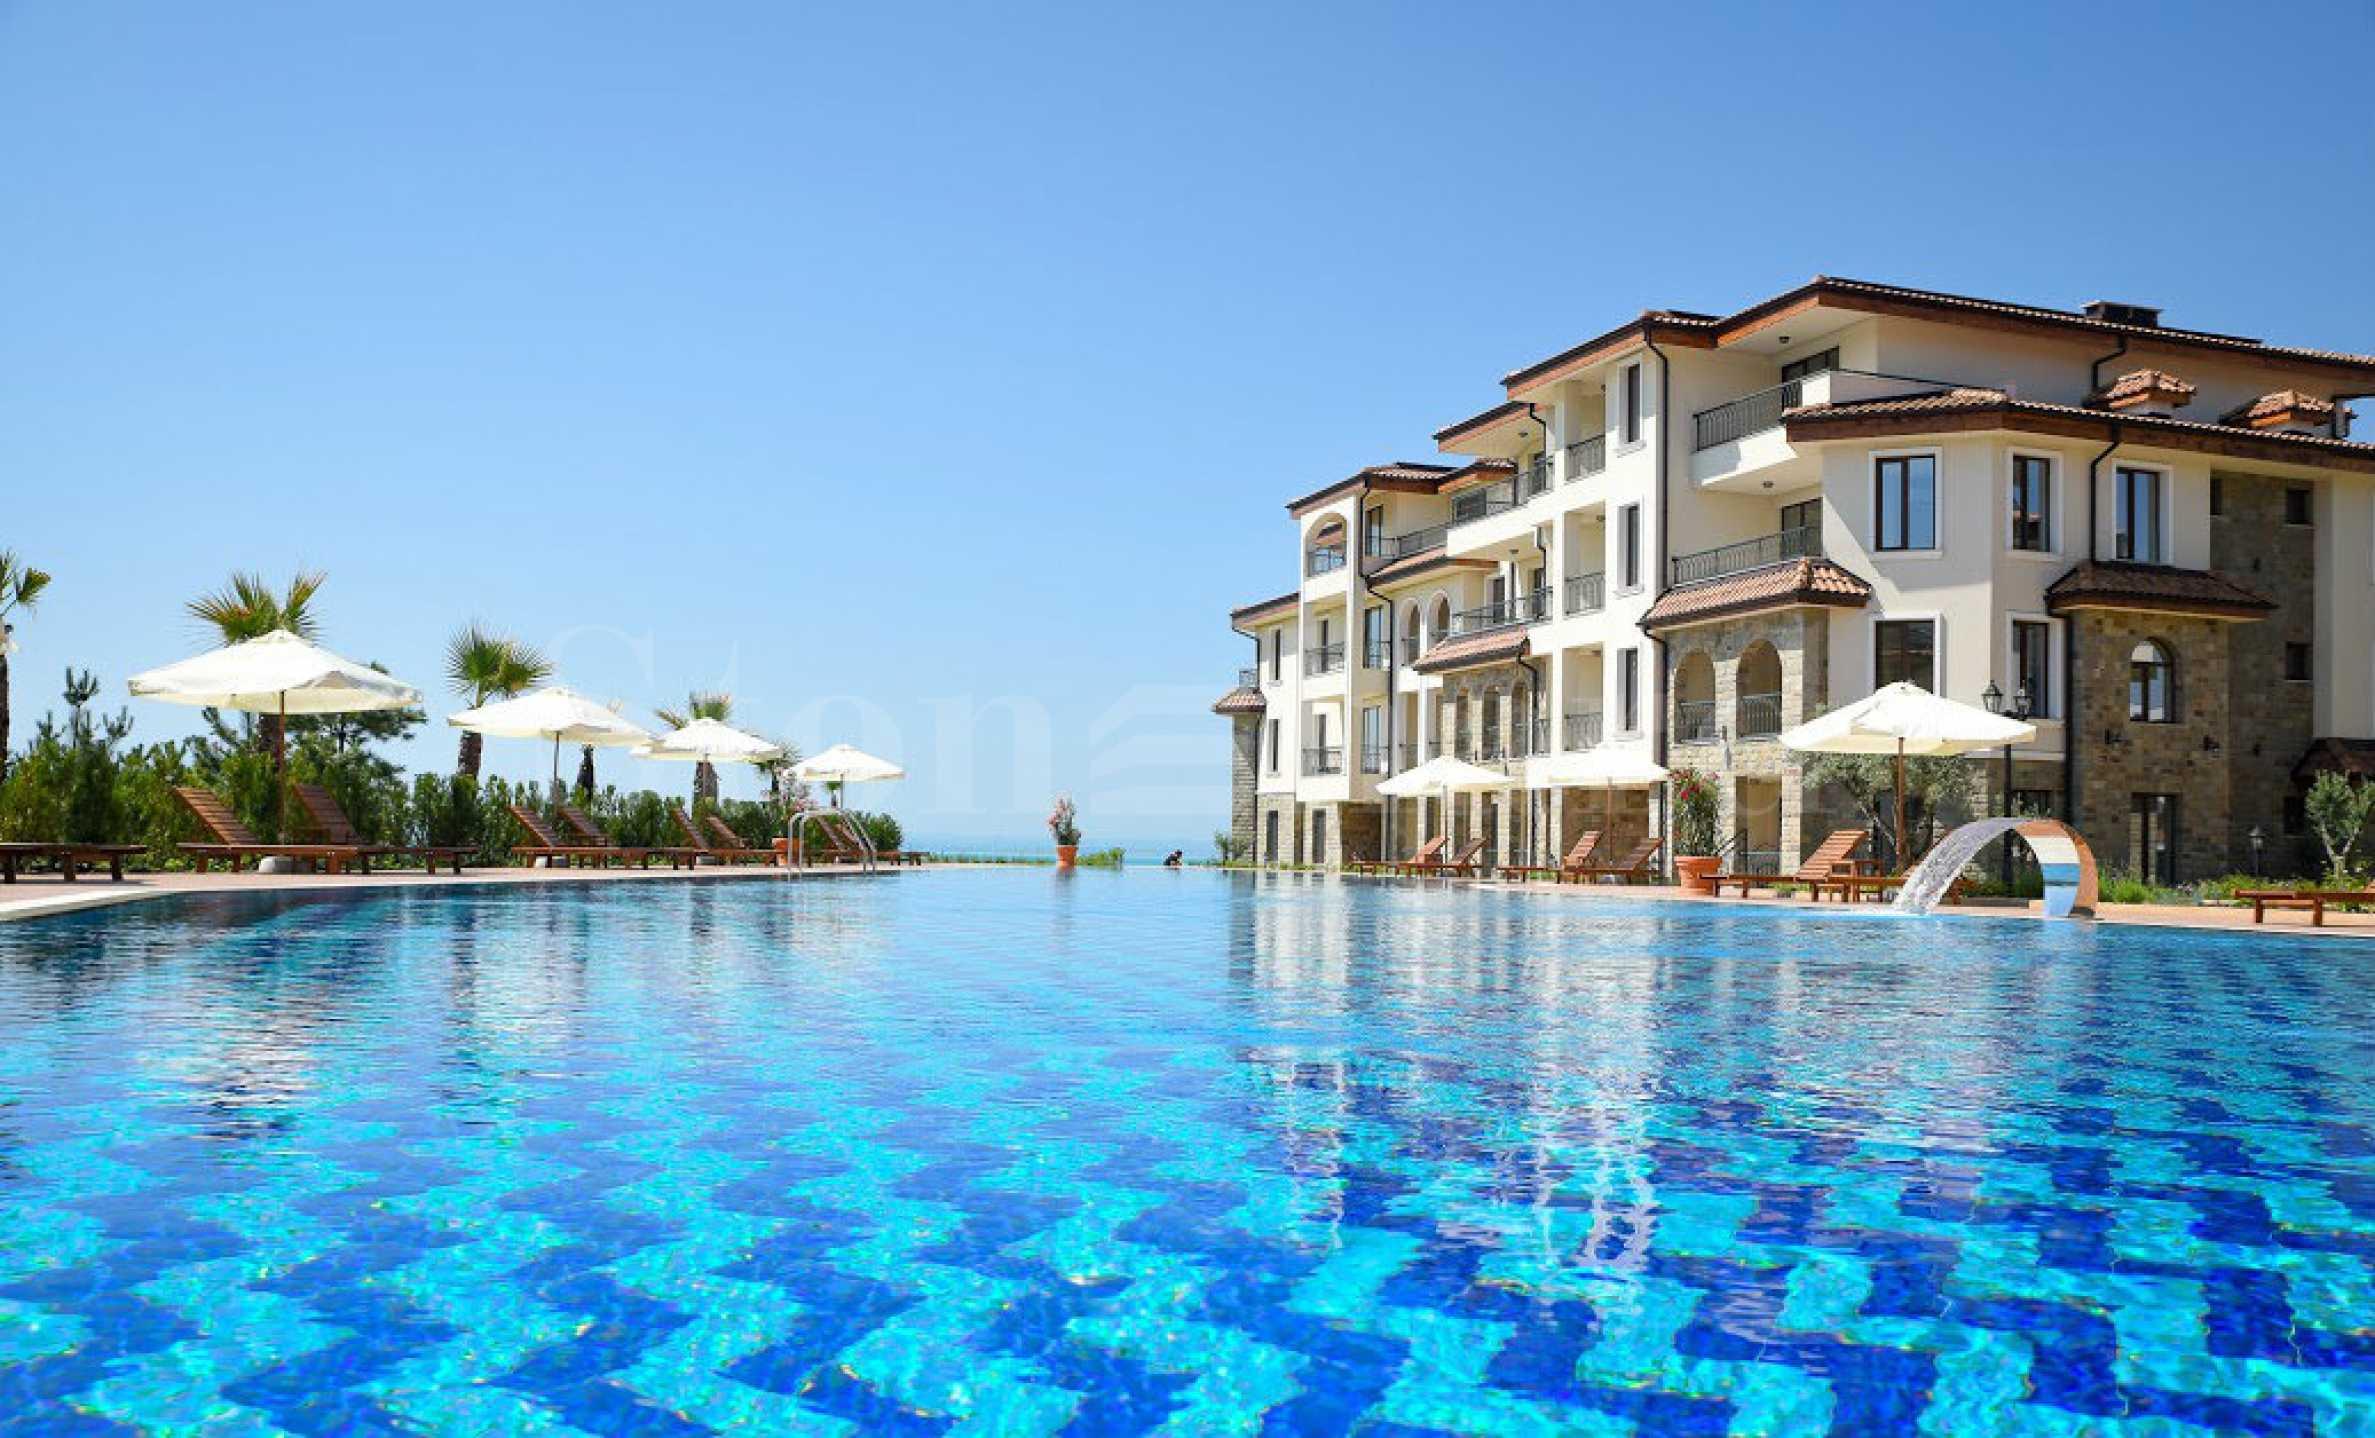 Апартаменти в комплекс в средиземноморски стил на първа линия2 - Stonehard